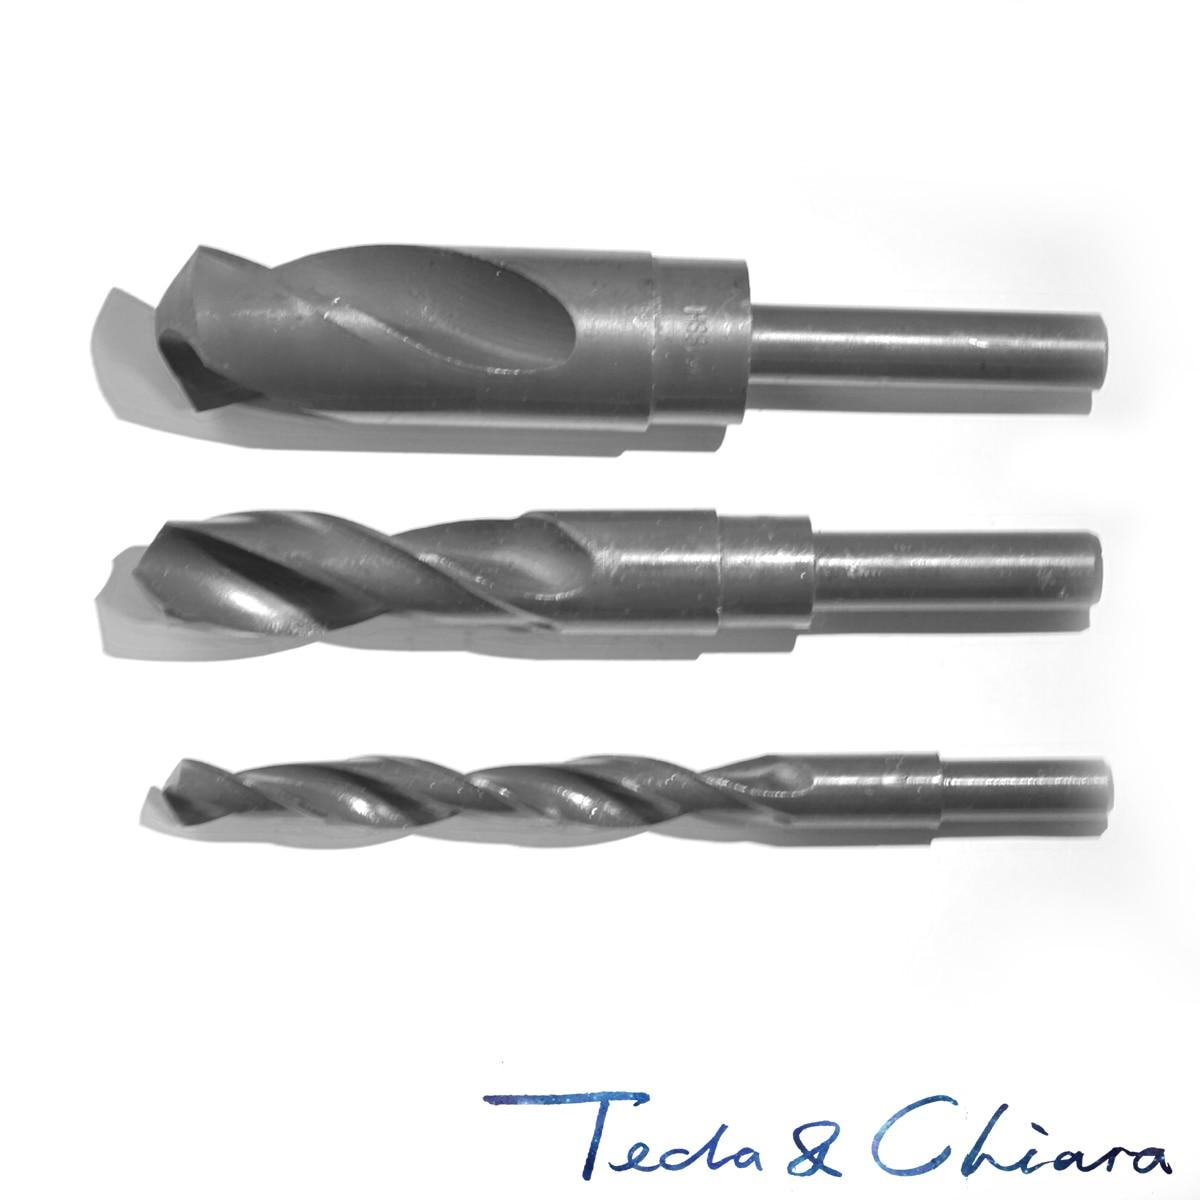 17.6mm 17.7mm 17.8mm 17.9mm 18mm HSS Reduced Straight Crank Twist Drill Bit Shank Dia 12.7mm 1/2 Inch 17.6 17.7 17.8 17.9 18